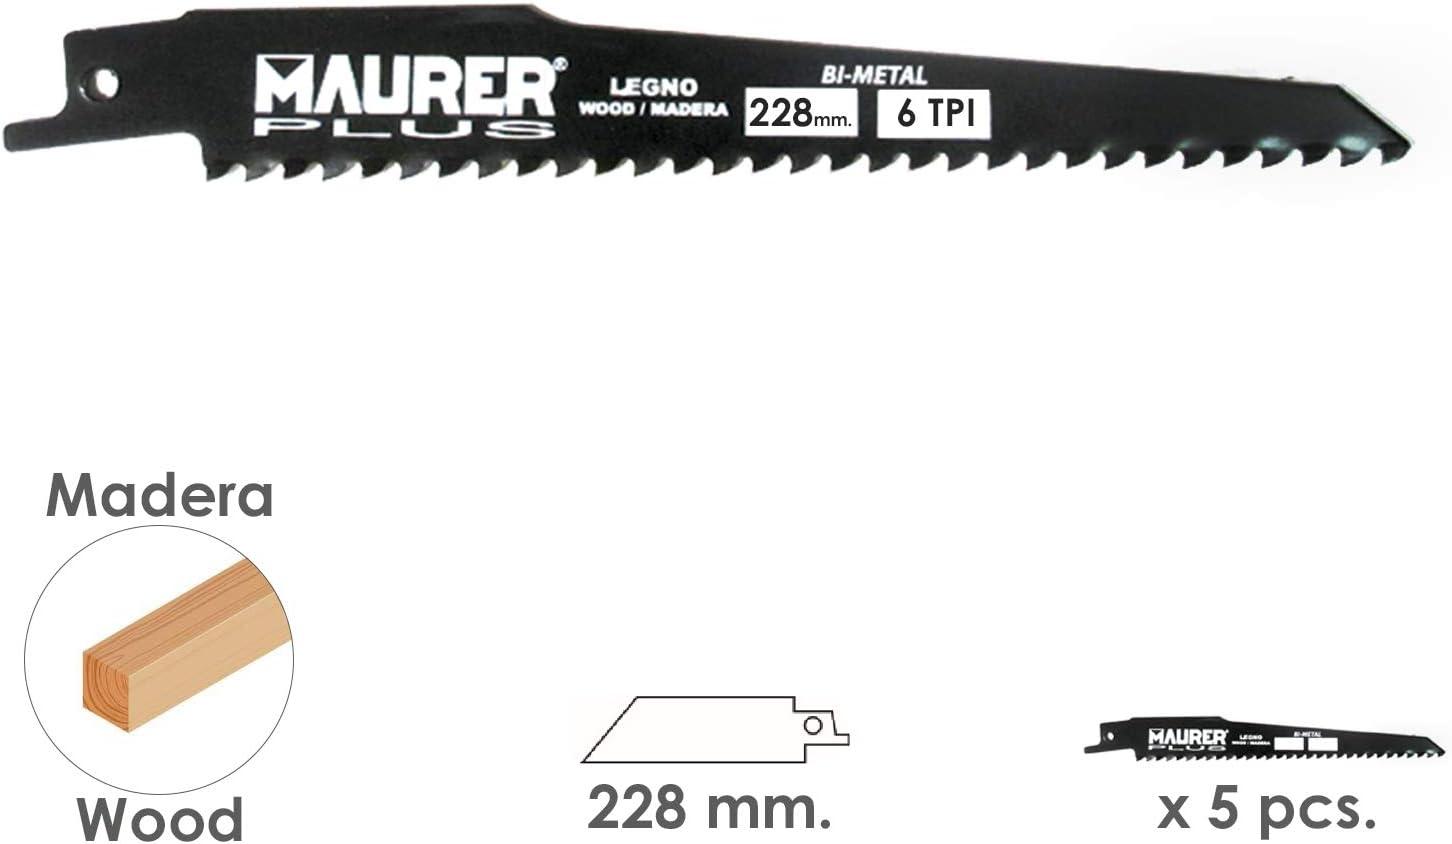 5 piezas 6 TPI Tipo Bosch MAURER 7120755 Hoja Para Sierra Sable Madera 228 mm